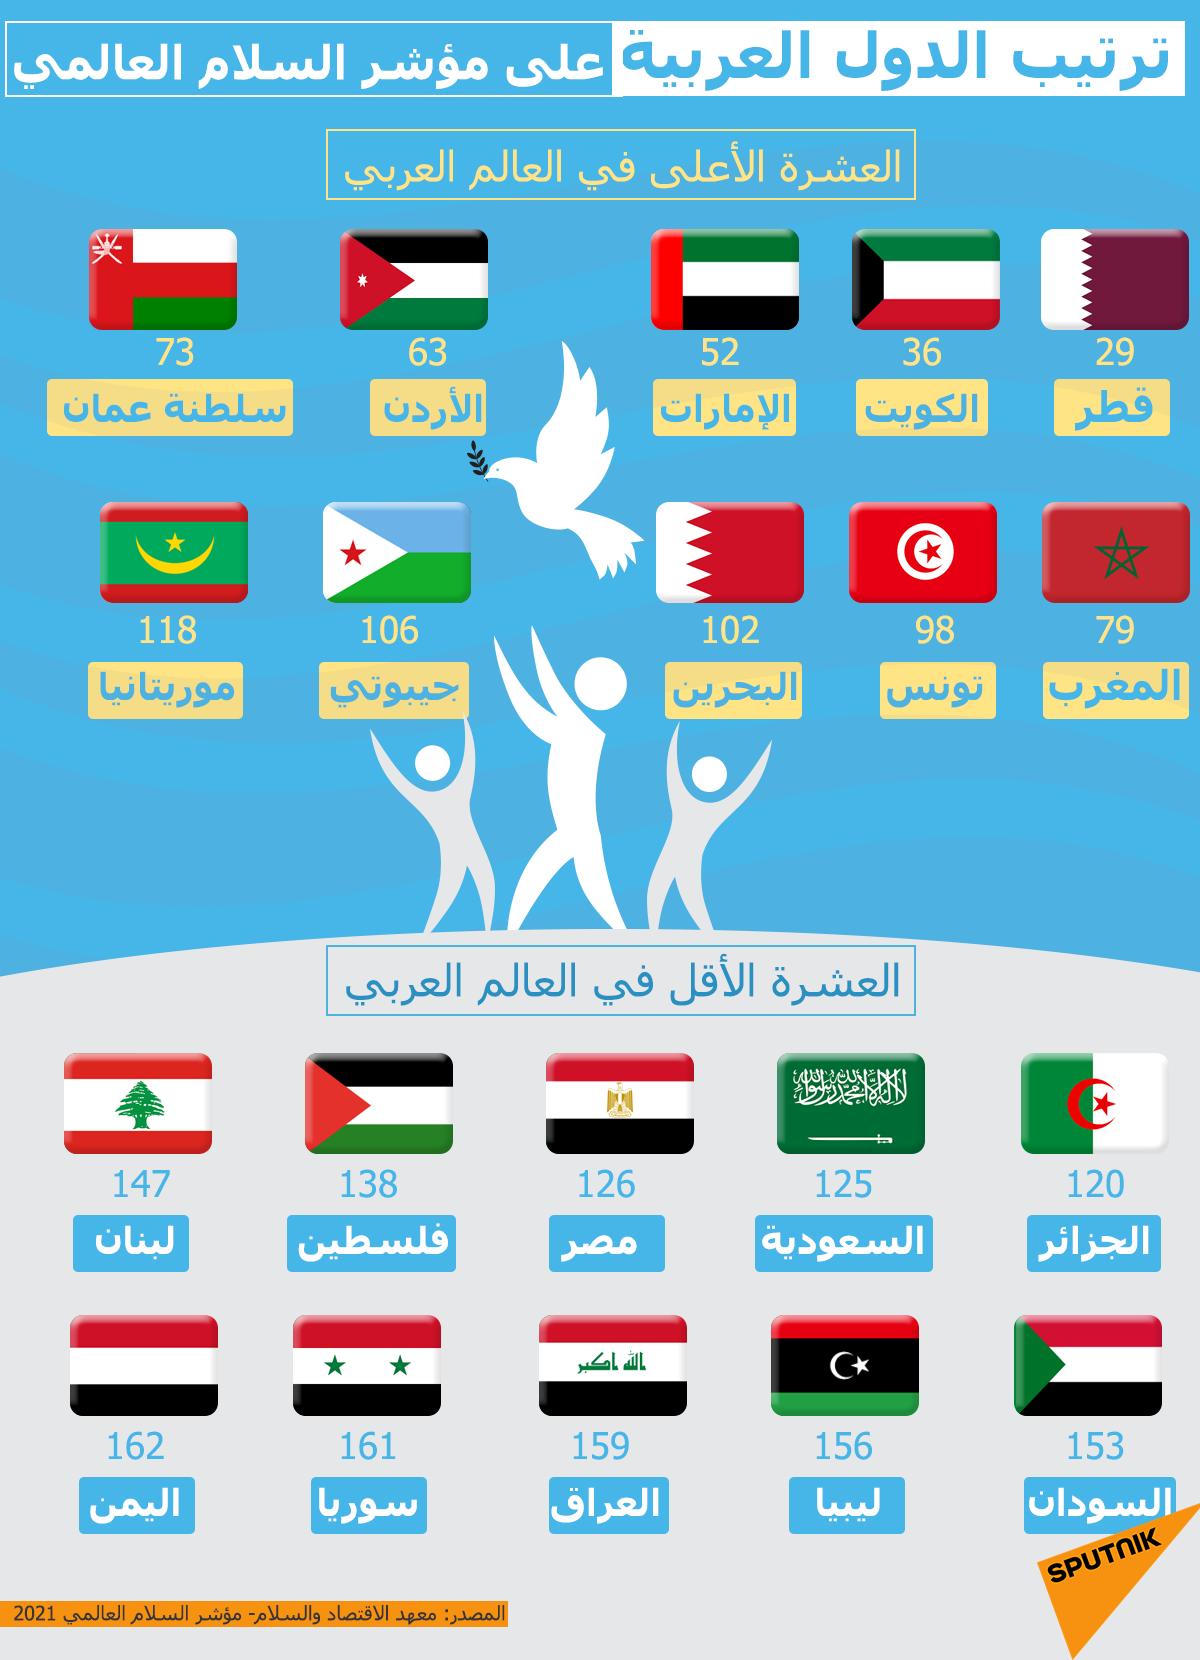 مؤشر السلام العالمي